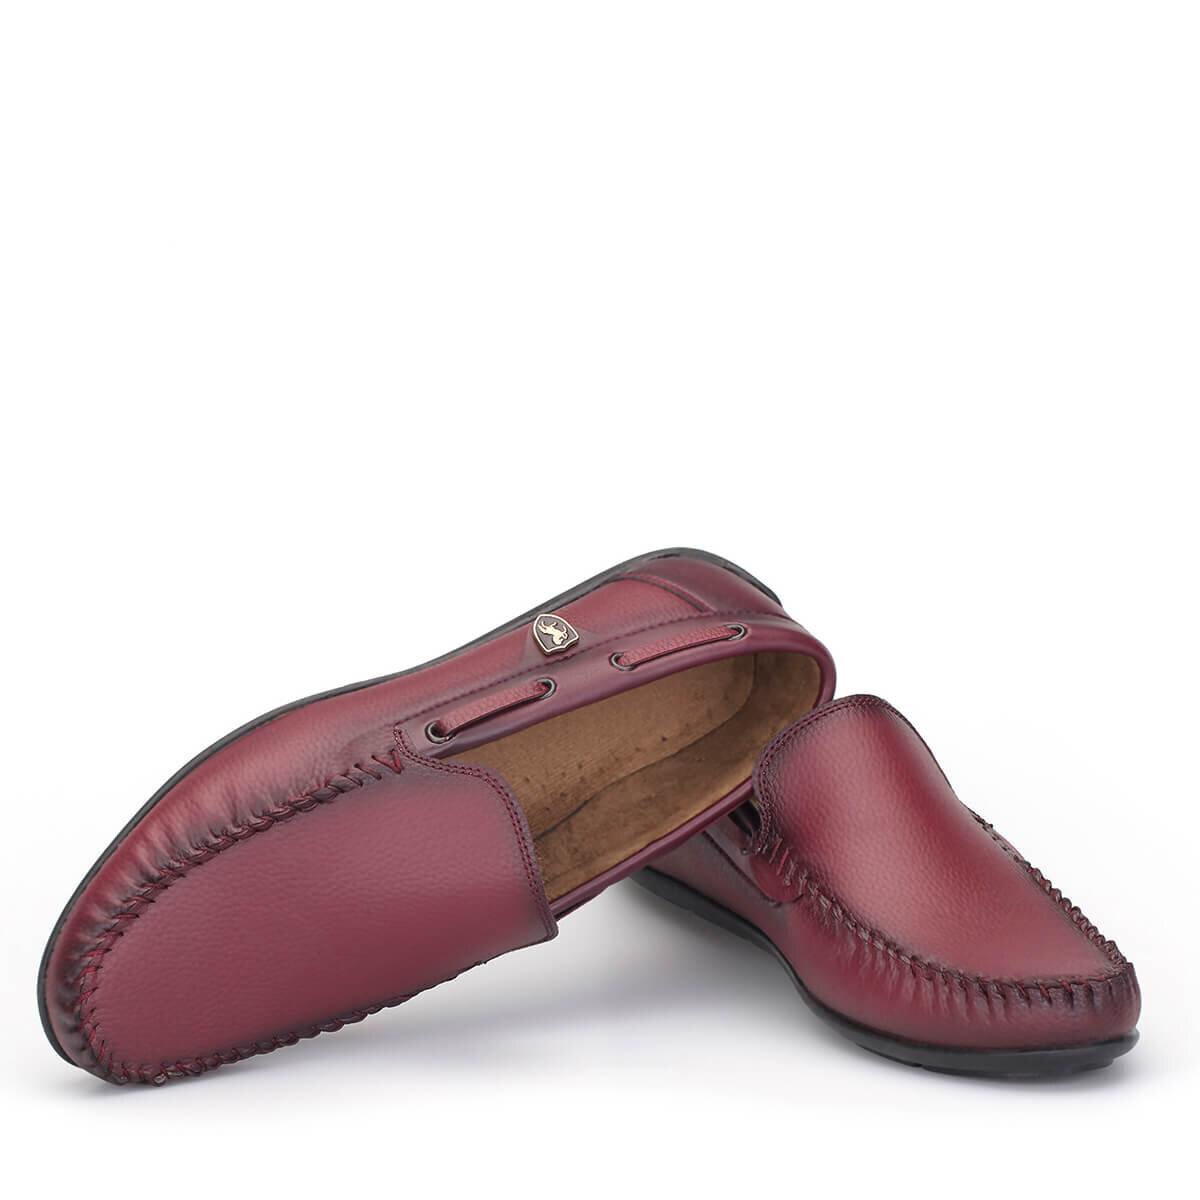 BORDO Erkek Loafer Ayakkabı LFR009BRBRX